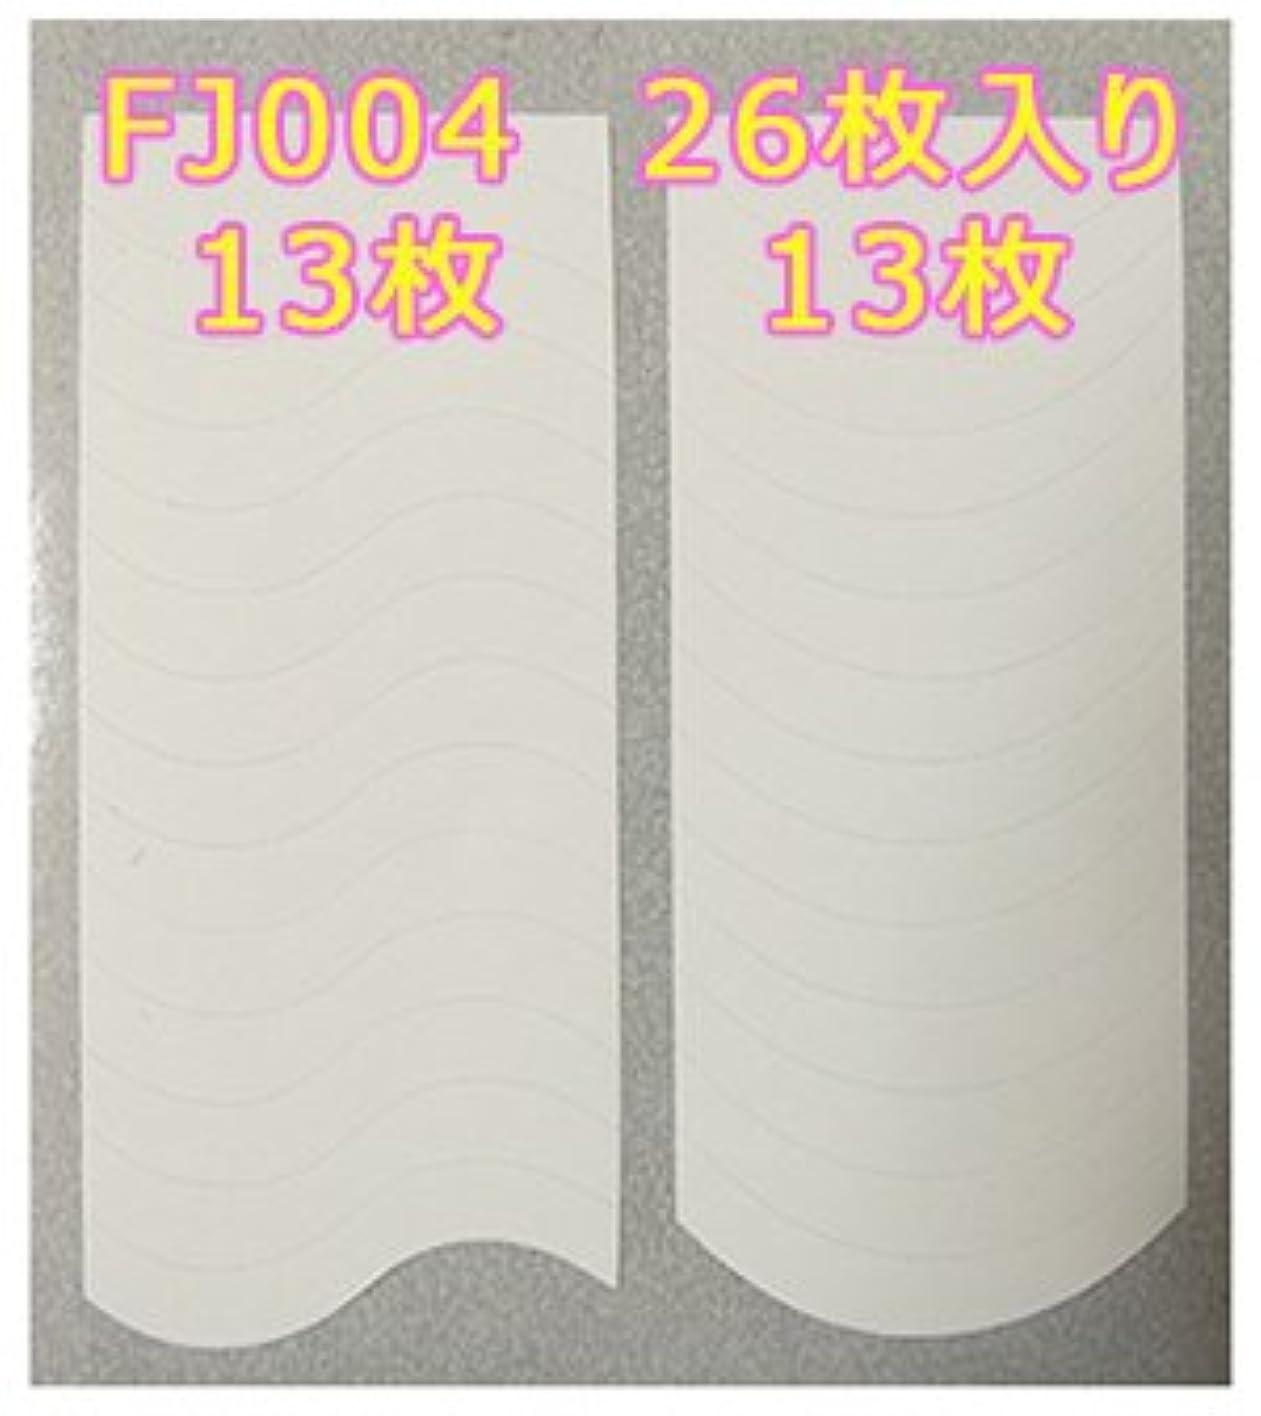 ネブマーベル死すべきフレンチガイドテープ/フレンチネイルシール/☆選べる4タイプ! (FJ004*26枚入り)